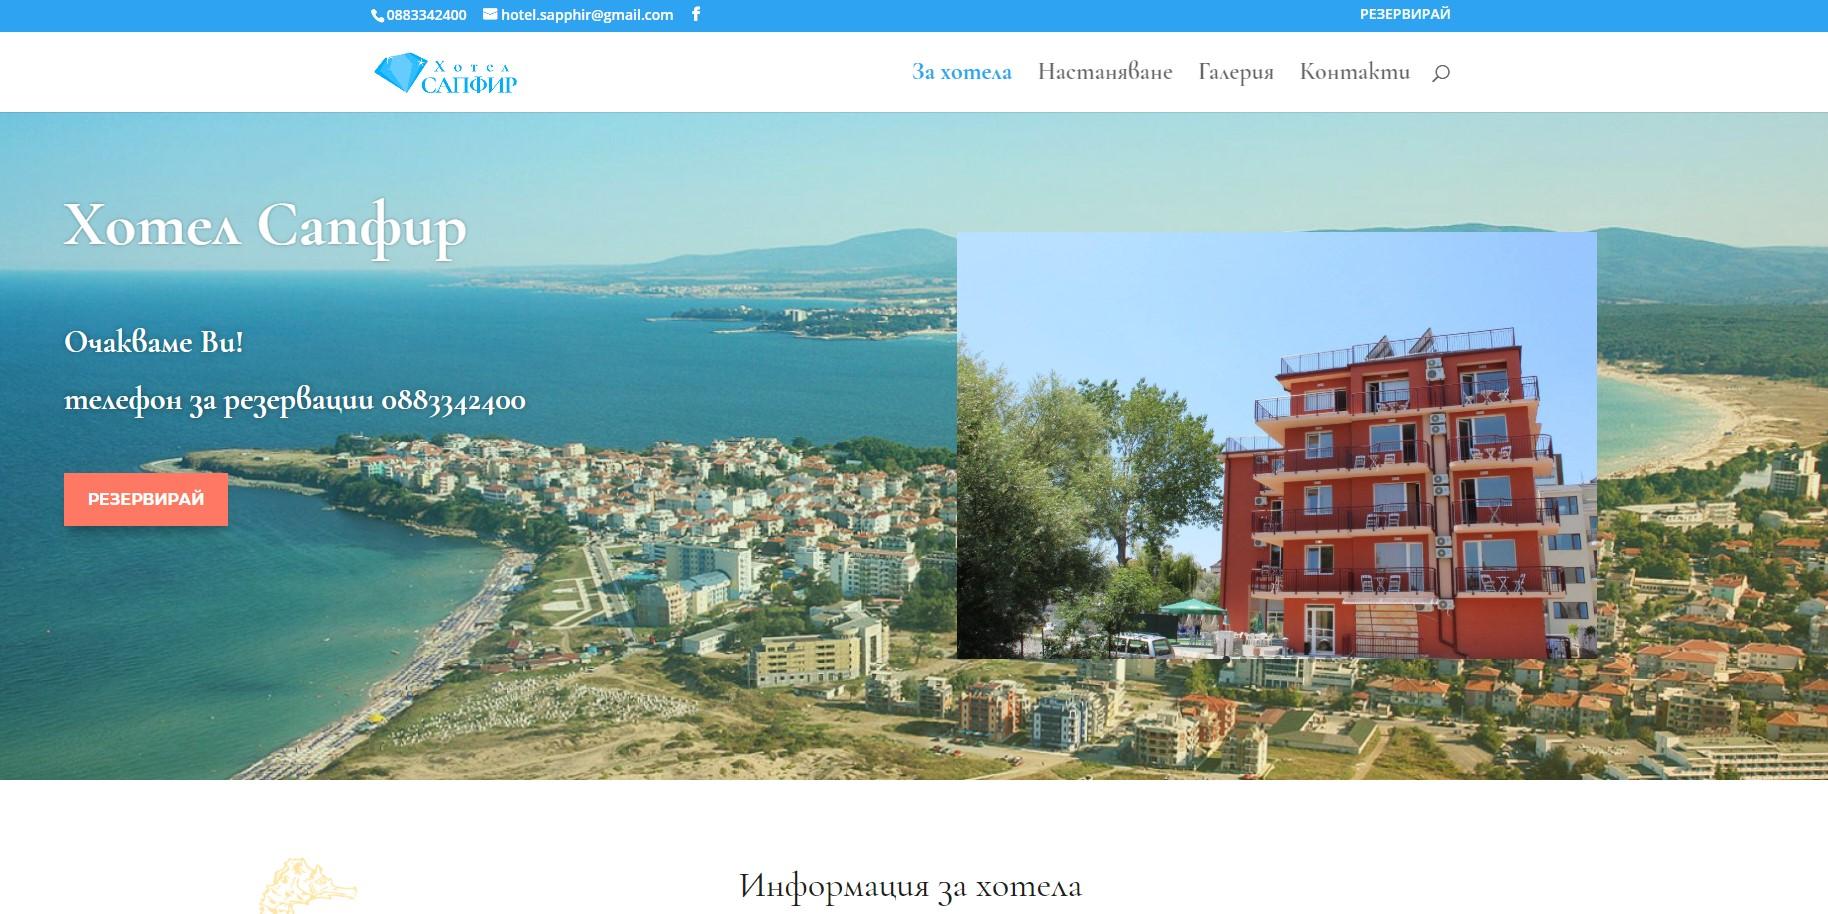 hotelsapfir